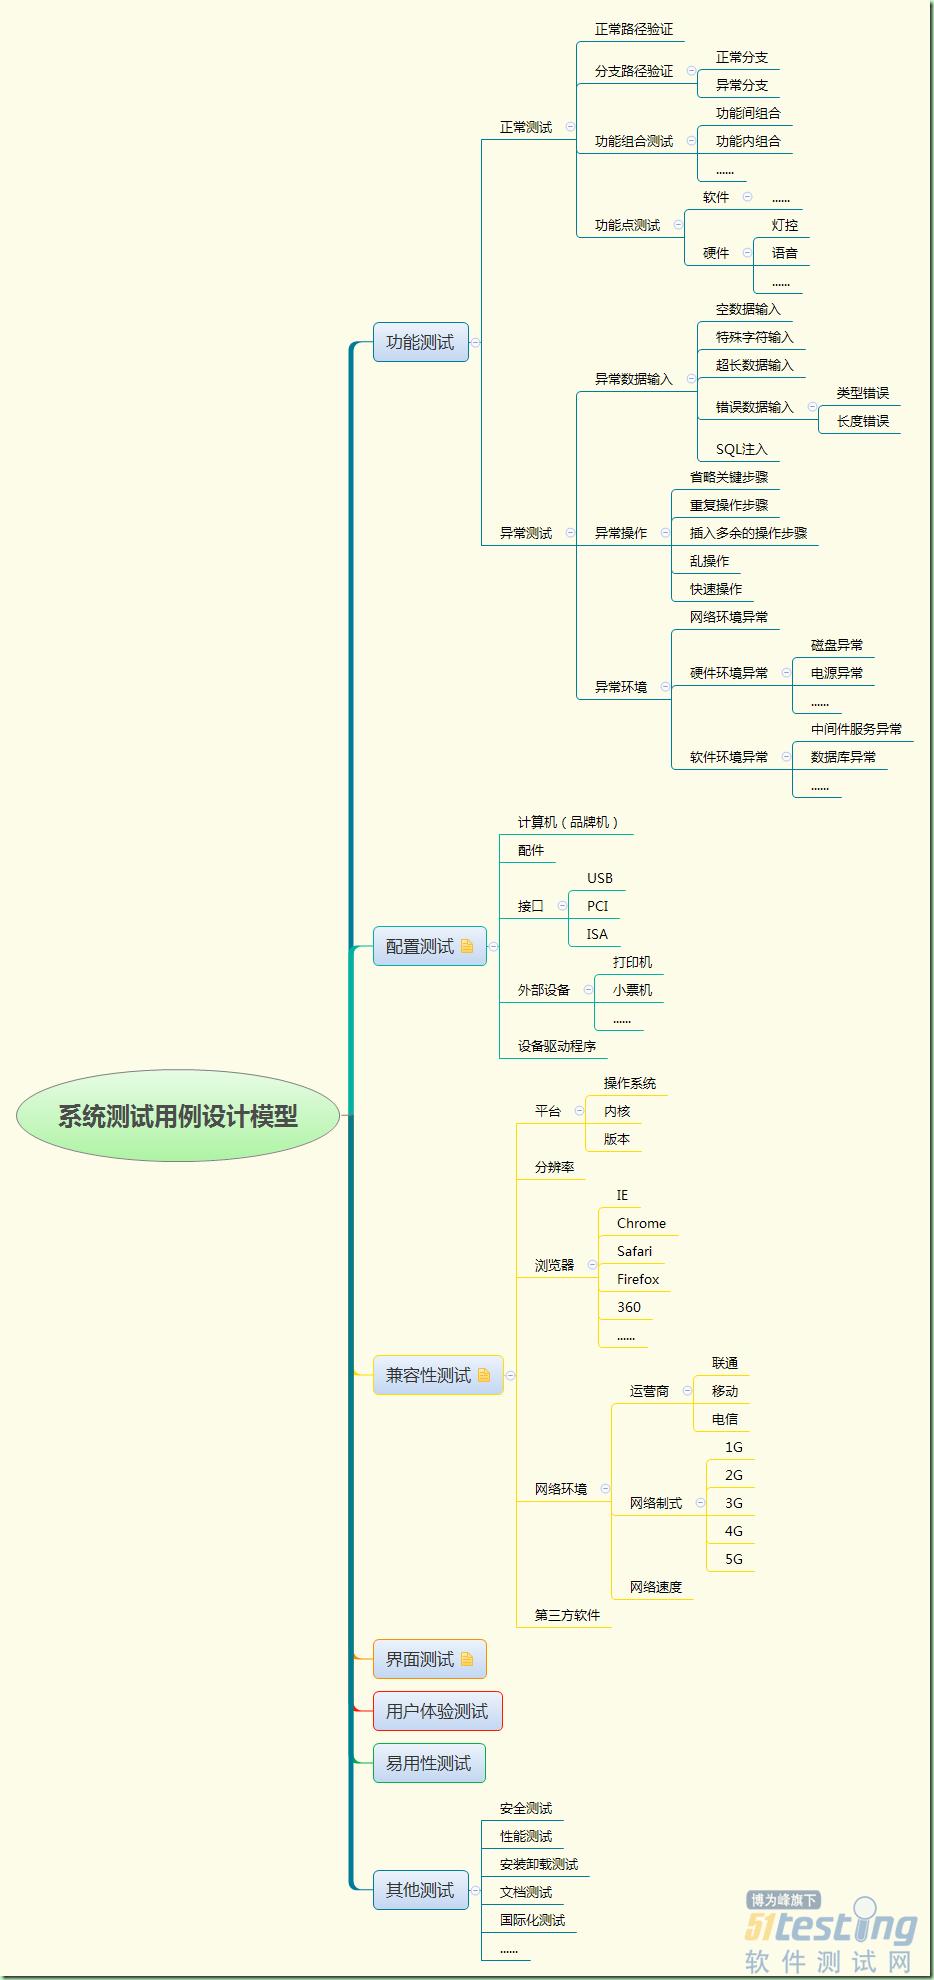 系统测试用例设计思路/模型